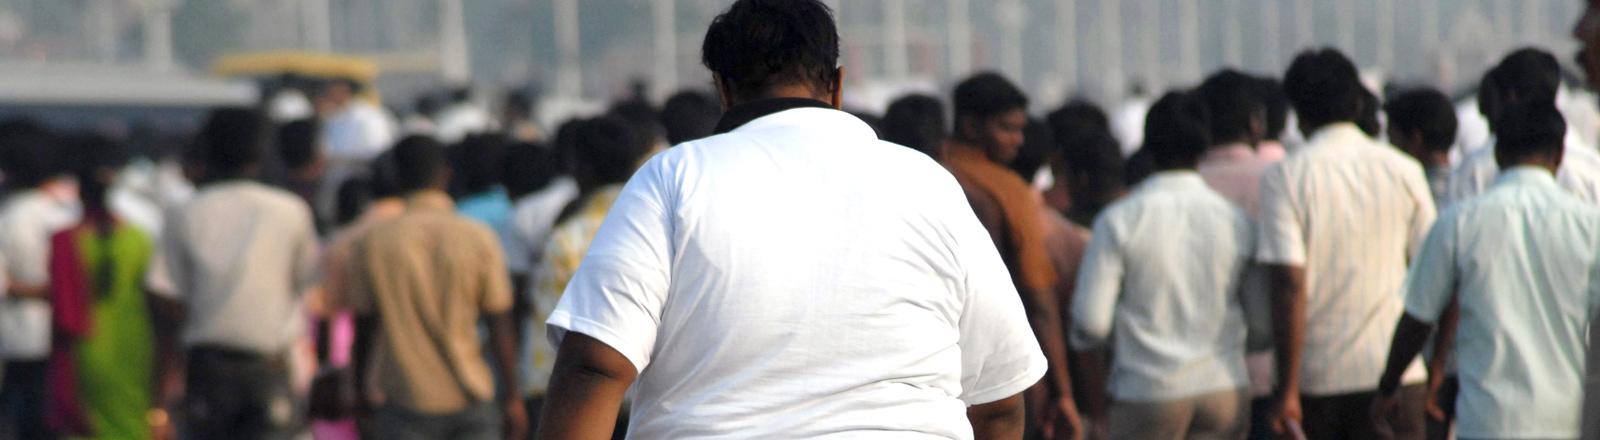 Ein übergewichtiger Inder